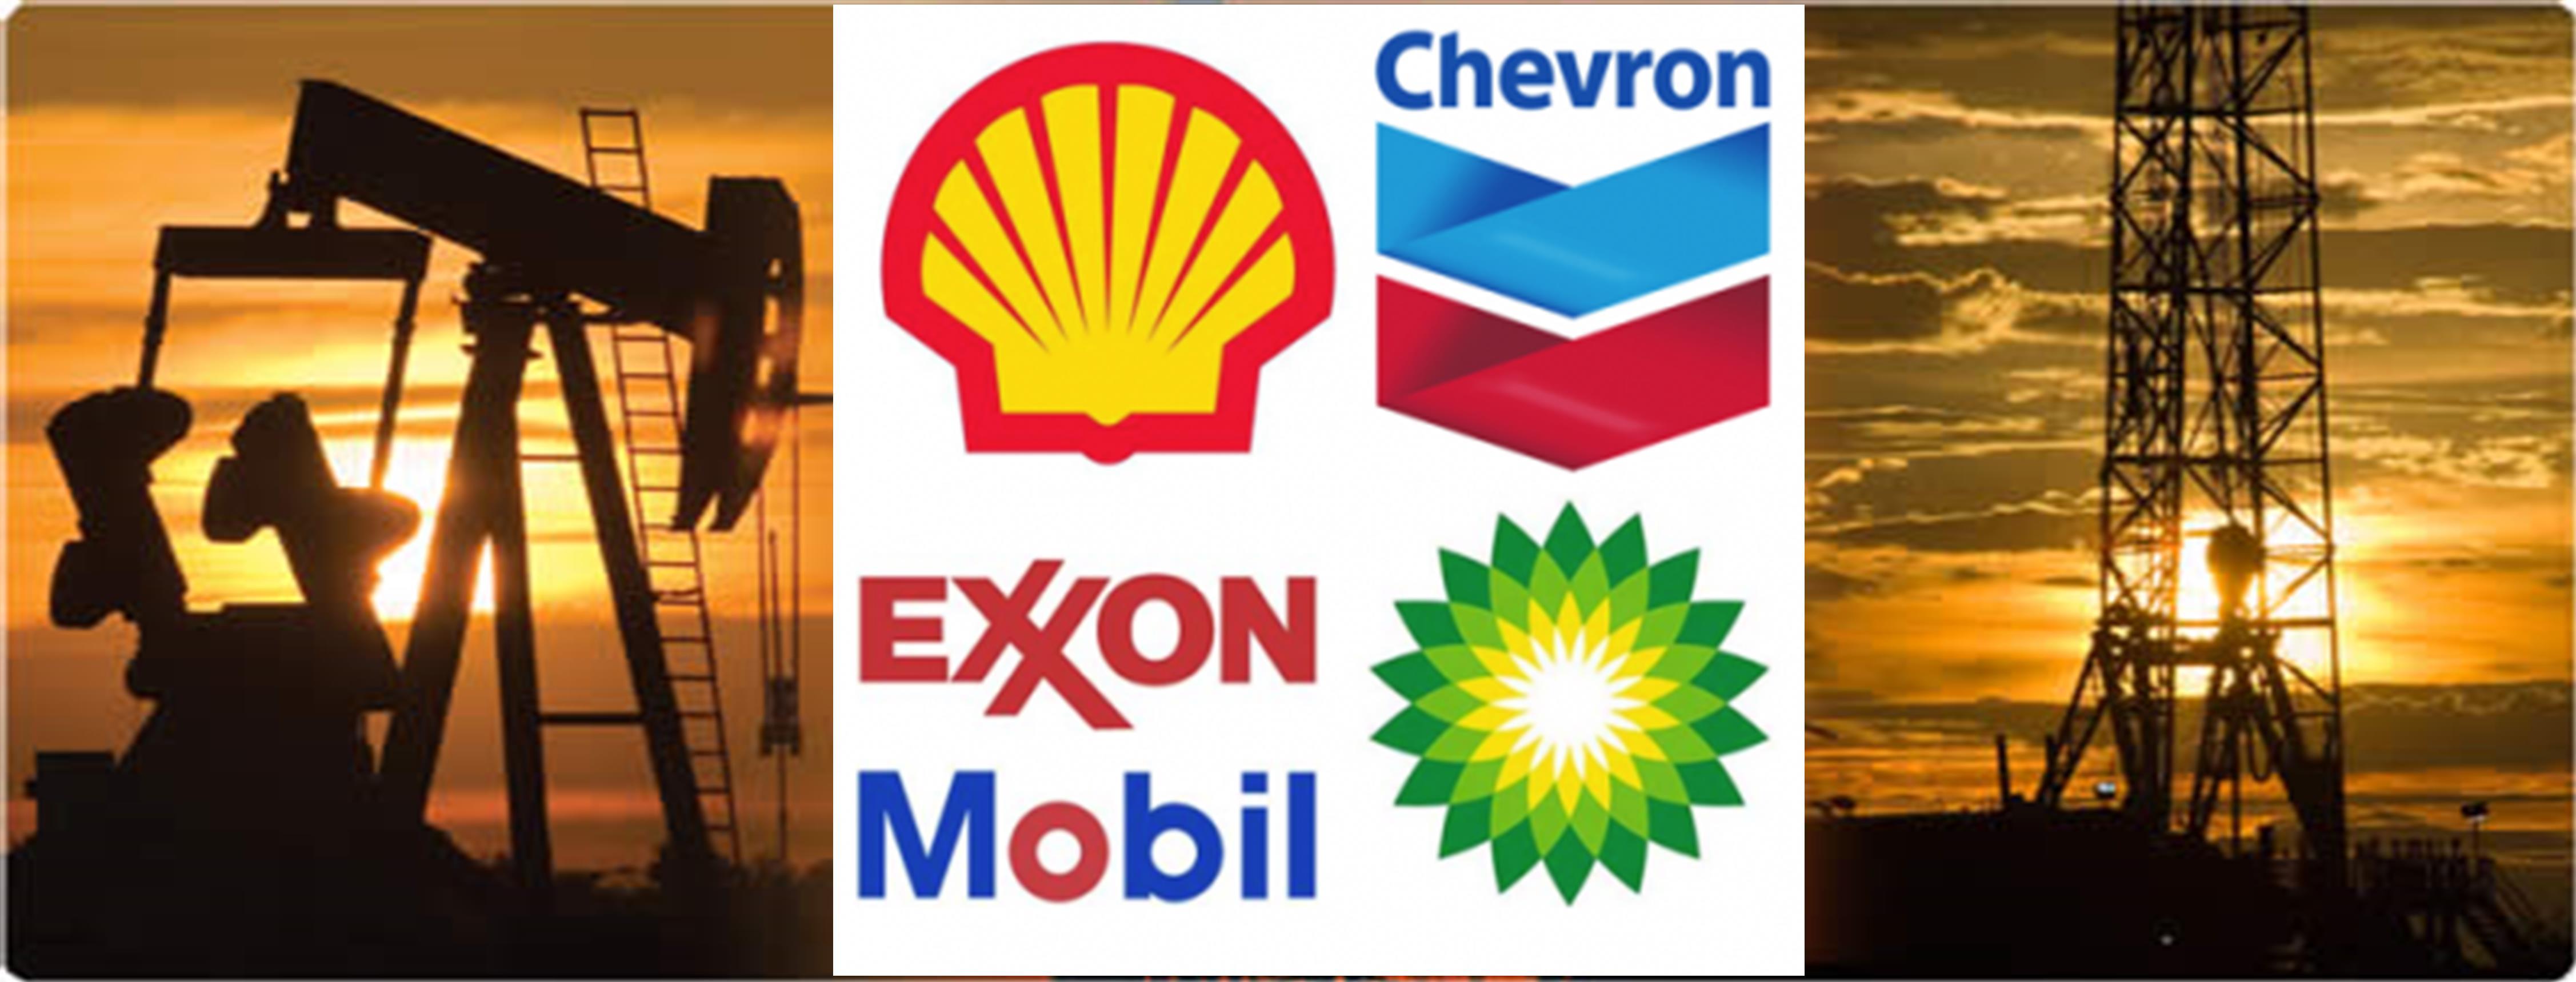 Ein55 Newsletter No 025 - image - oil & gas